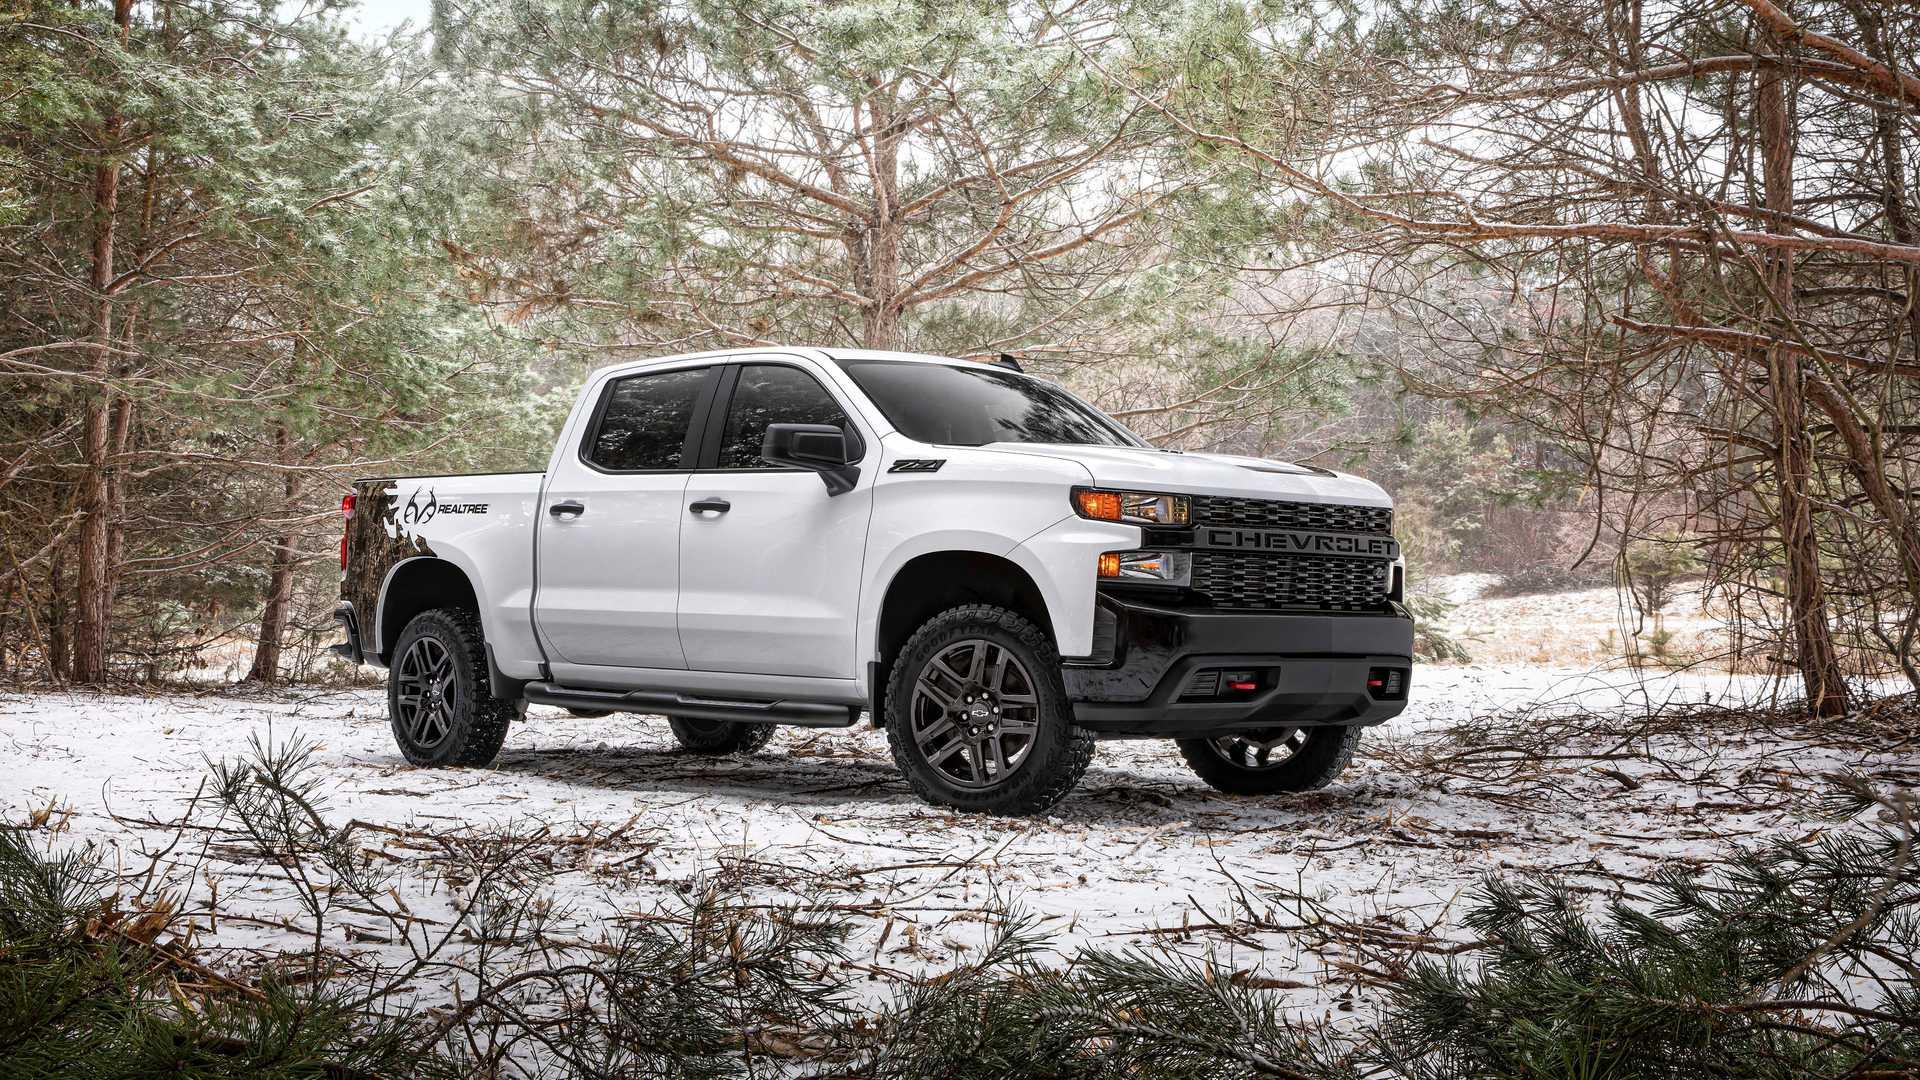 Две американские компании Chevrolet и Realtree объединили свои усилия и выпустили спецверсию Silverado под названием Realtree Edition. Пикап с заводским тюнингом прибудет к официальным дилерам уже летом, но стоимость пока не раскрывают.